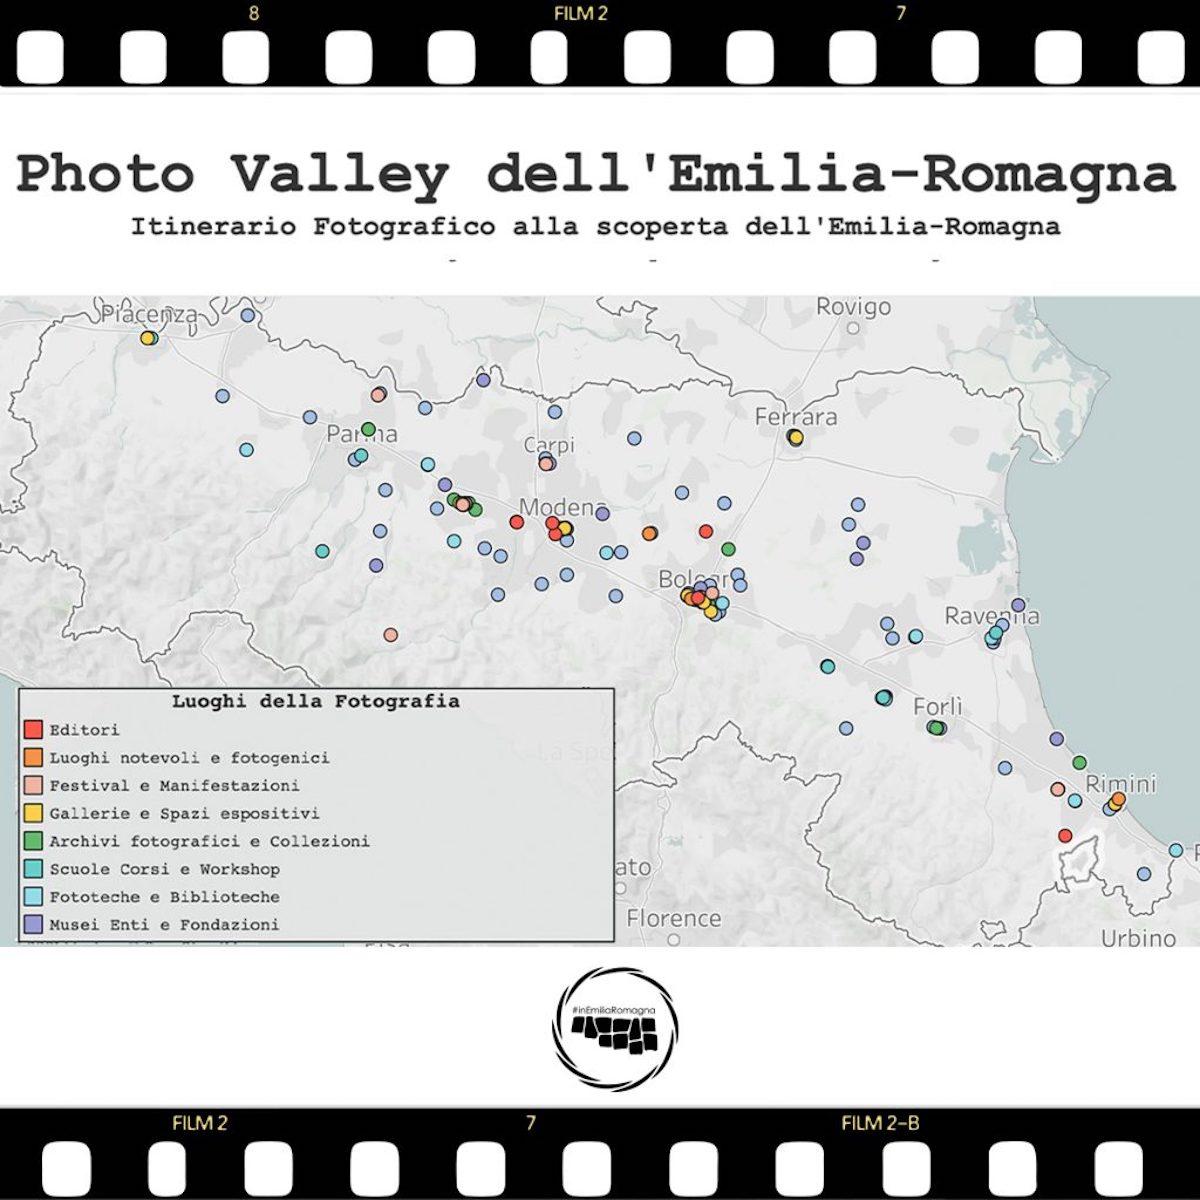 Photo Valley